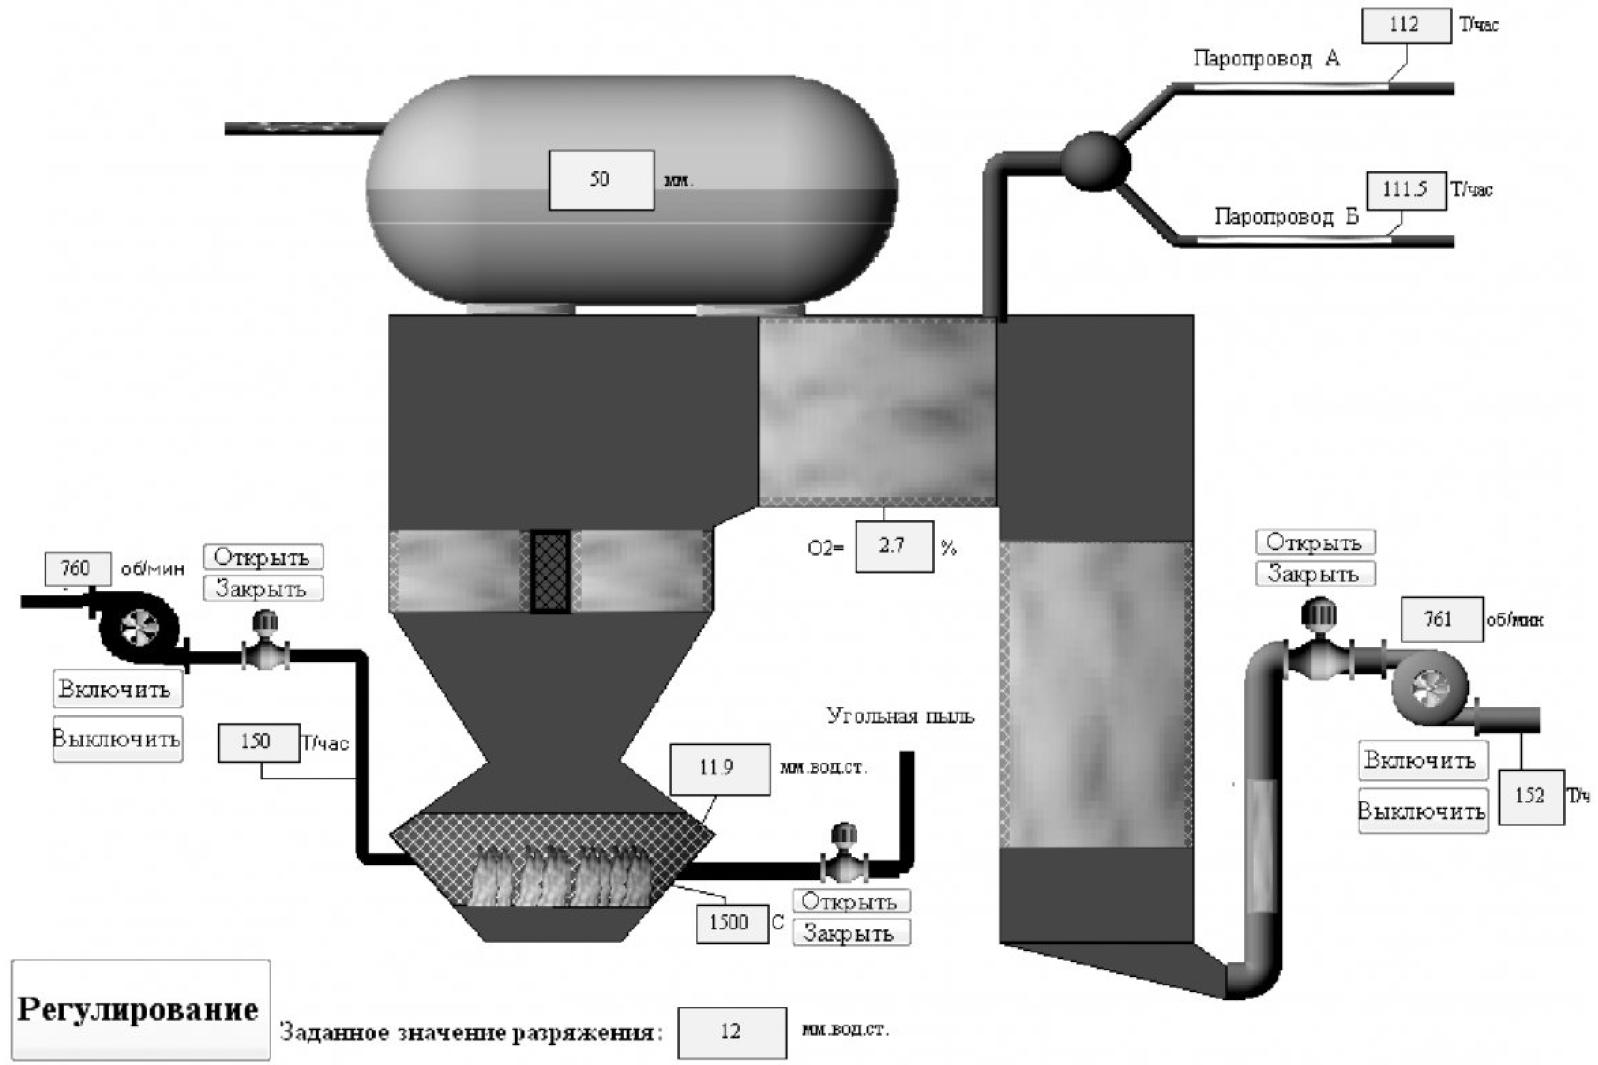 Рисунок 2 – Мнемосхема процесса управления тягодутьевым трактом